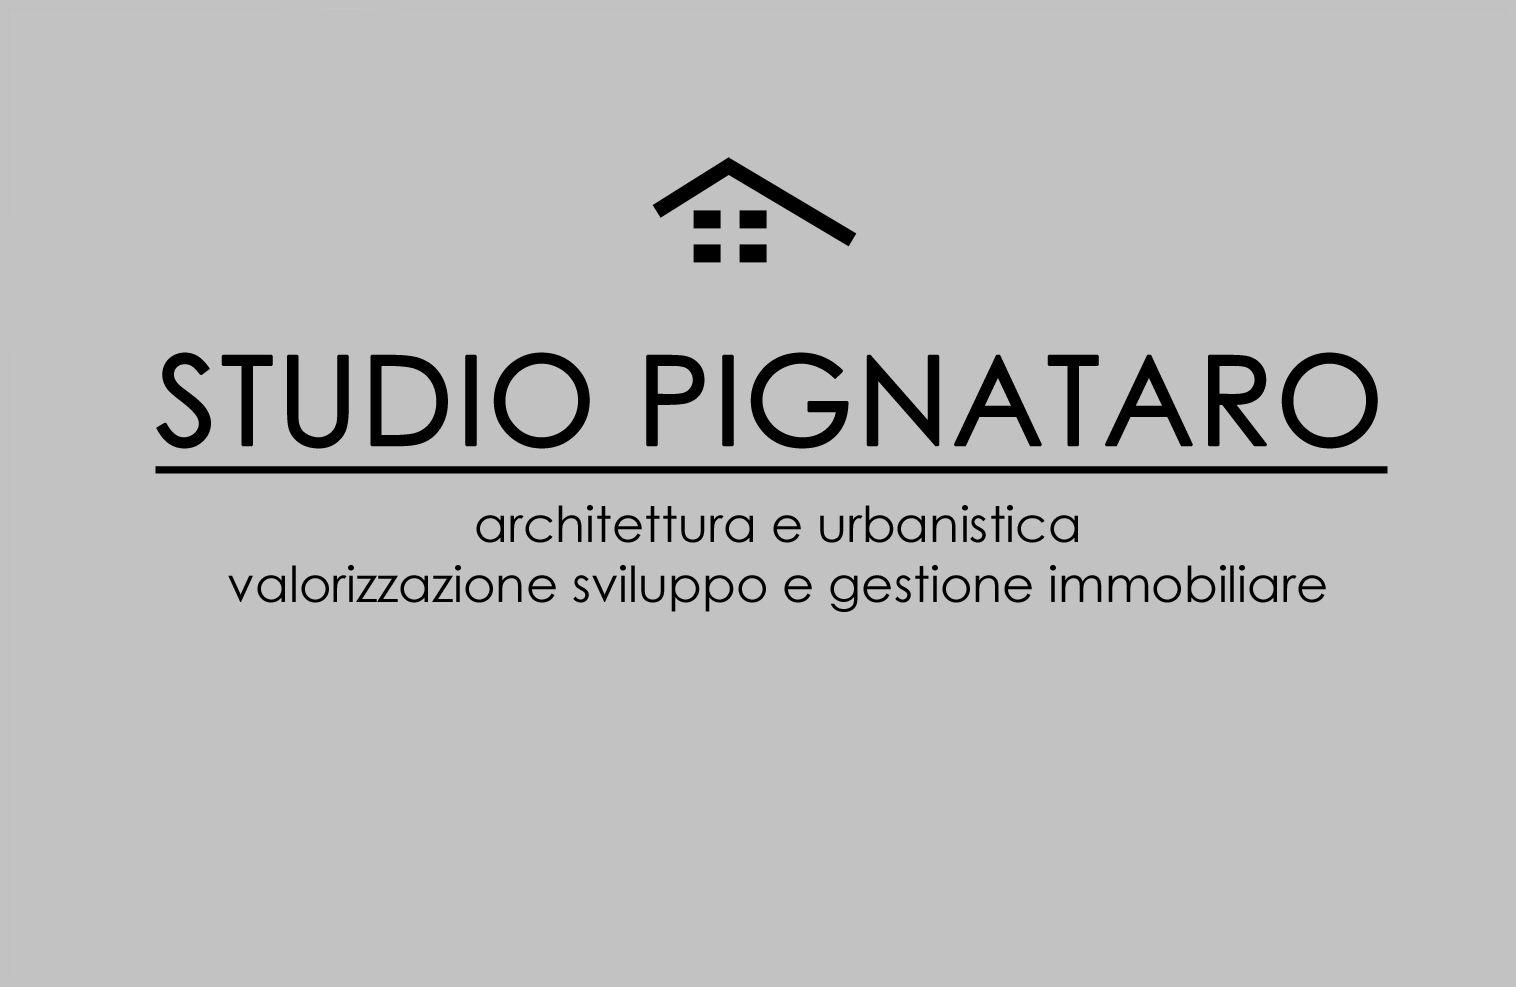 Studio Pignataro